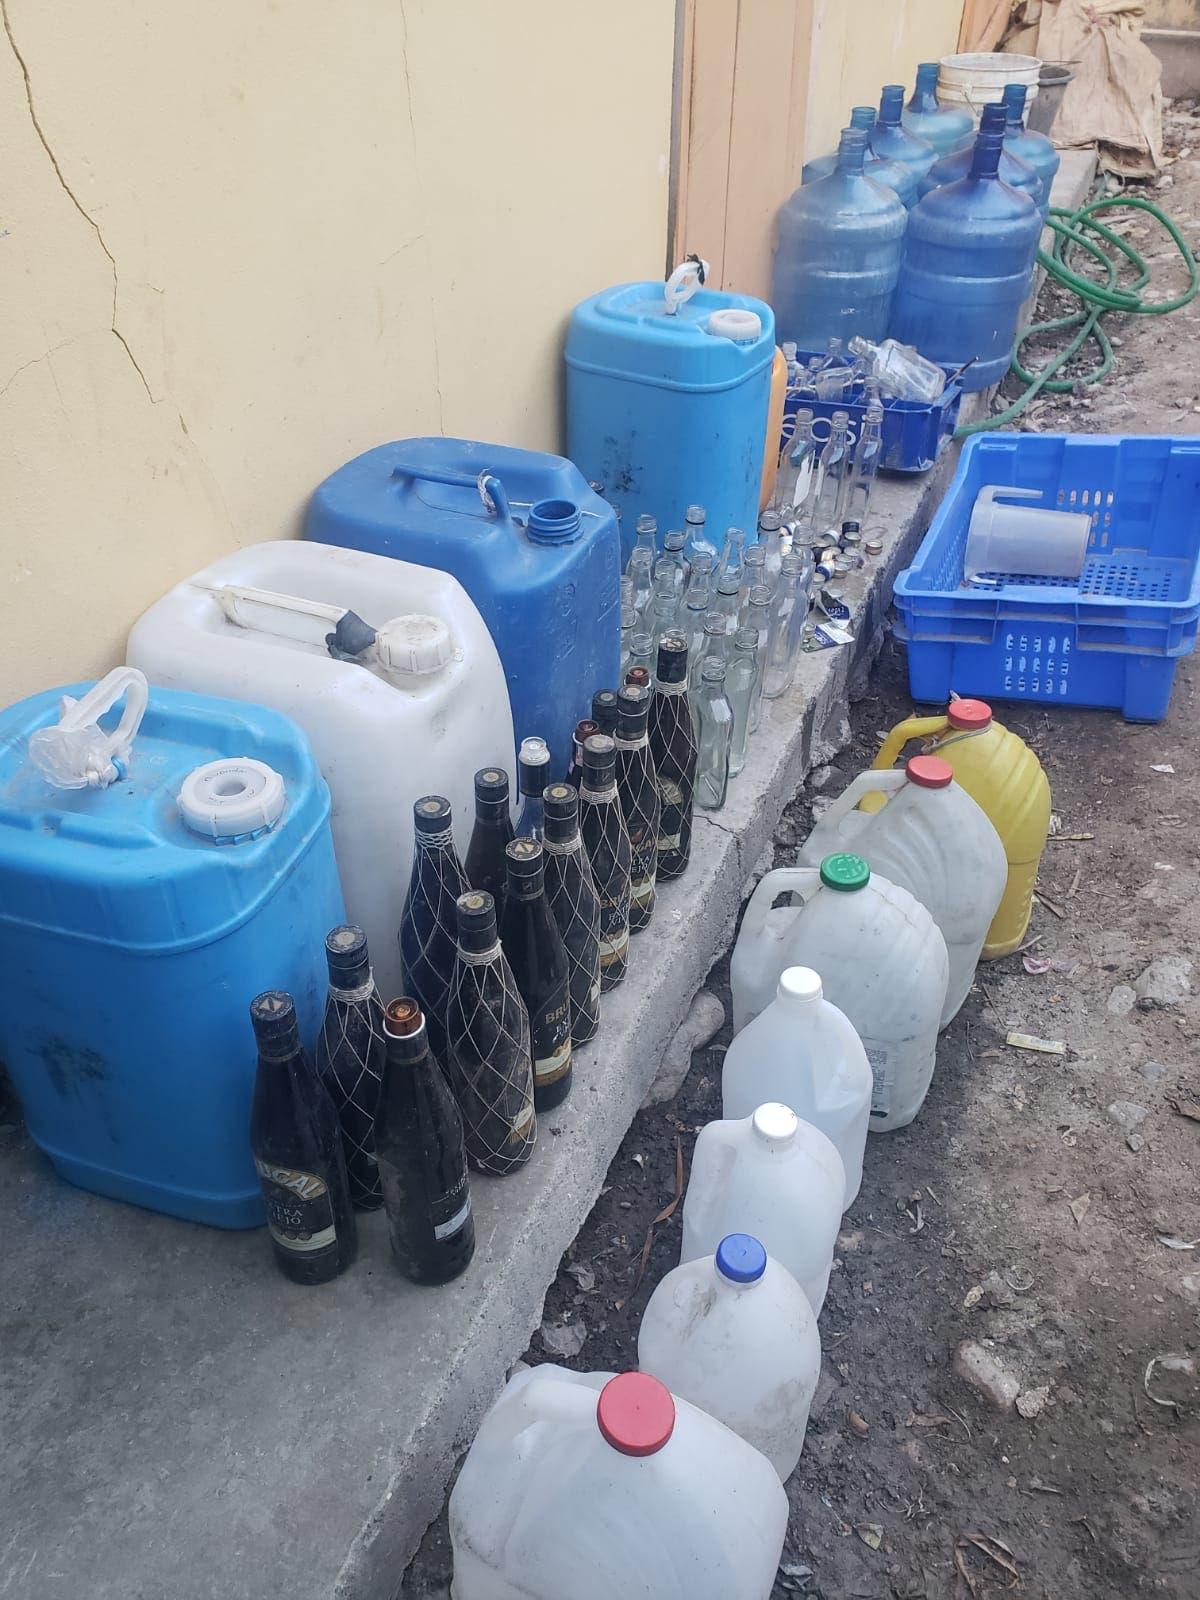 La Policía incauta casi 500 litros bebidas adulteradas en Azua